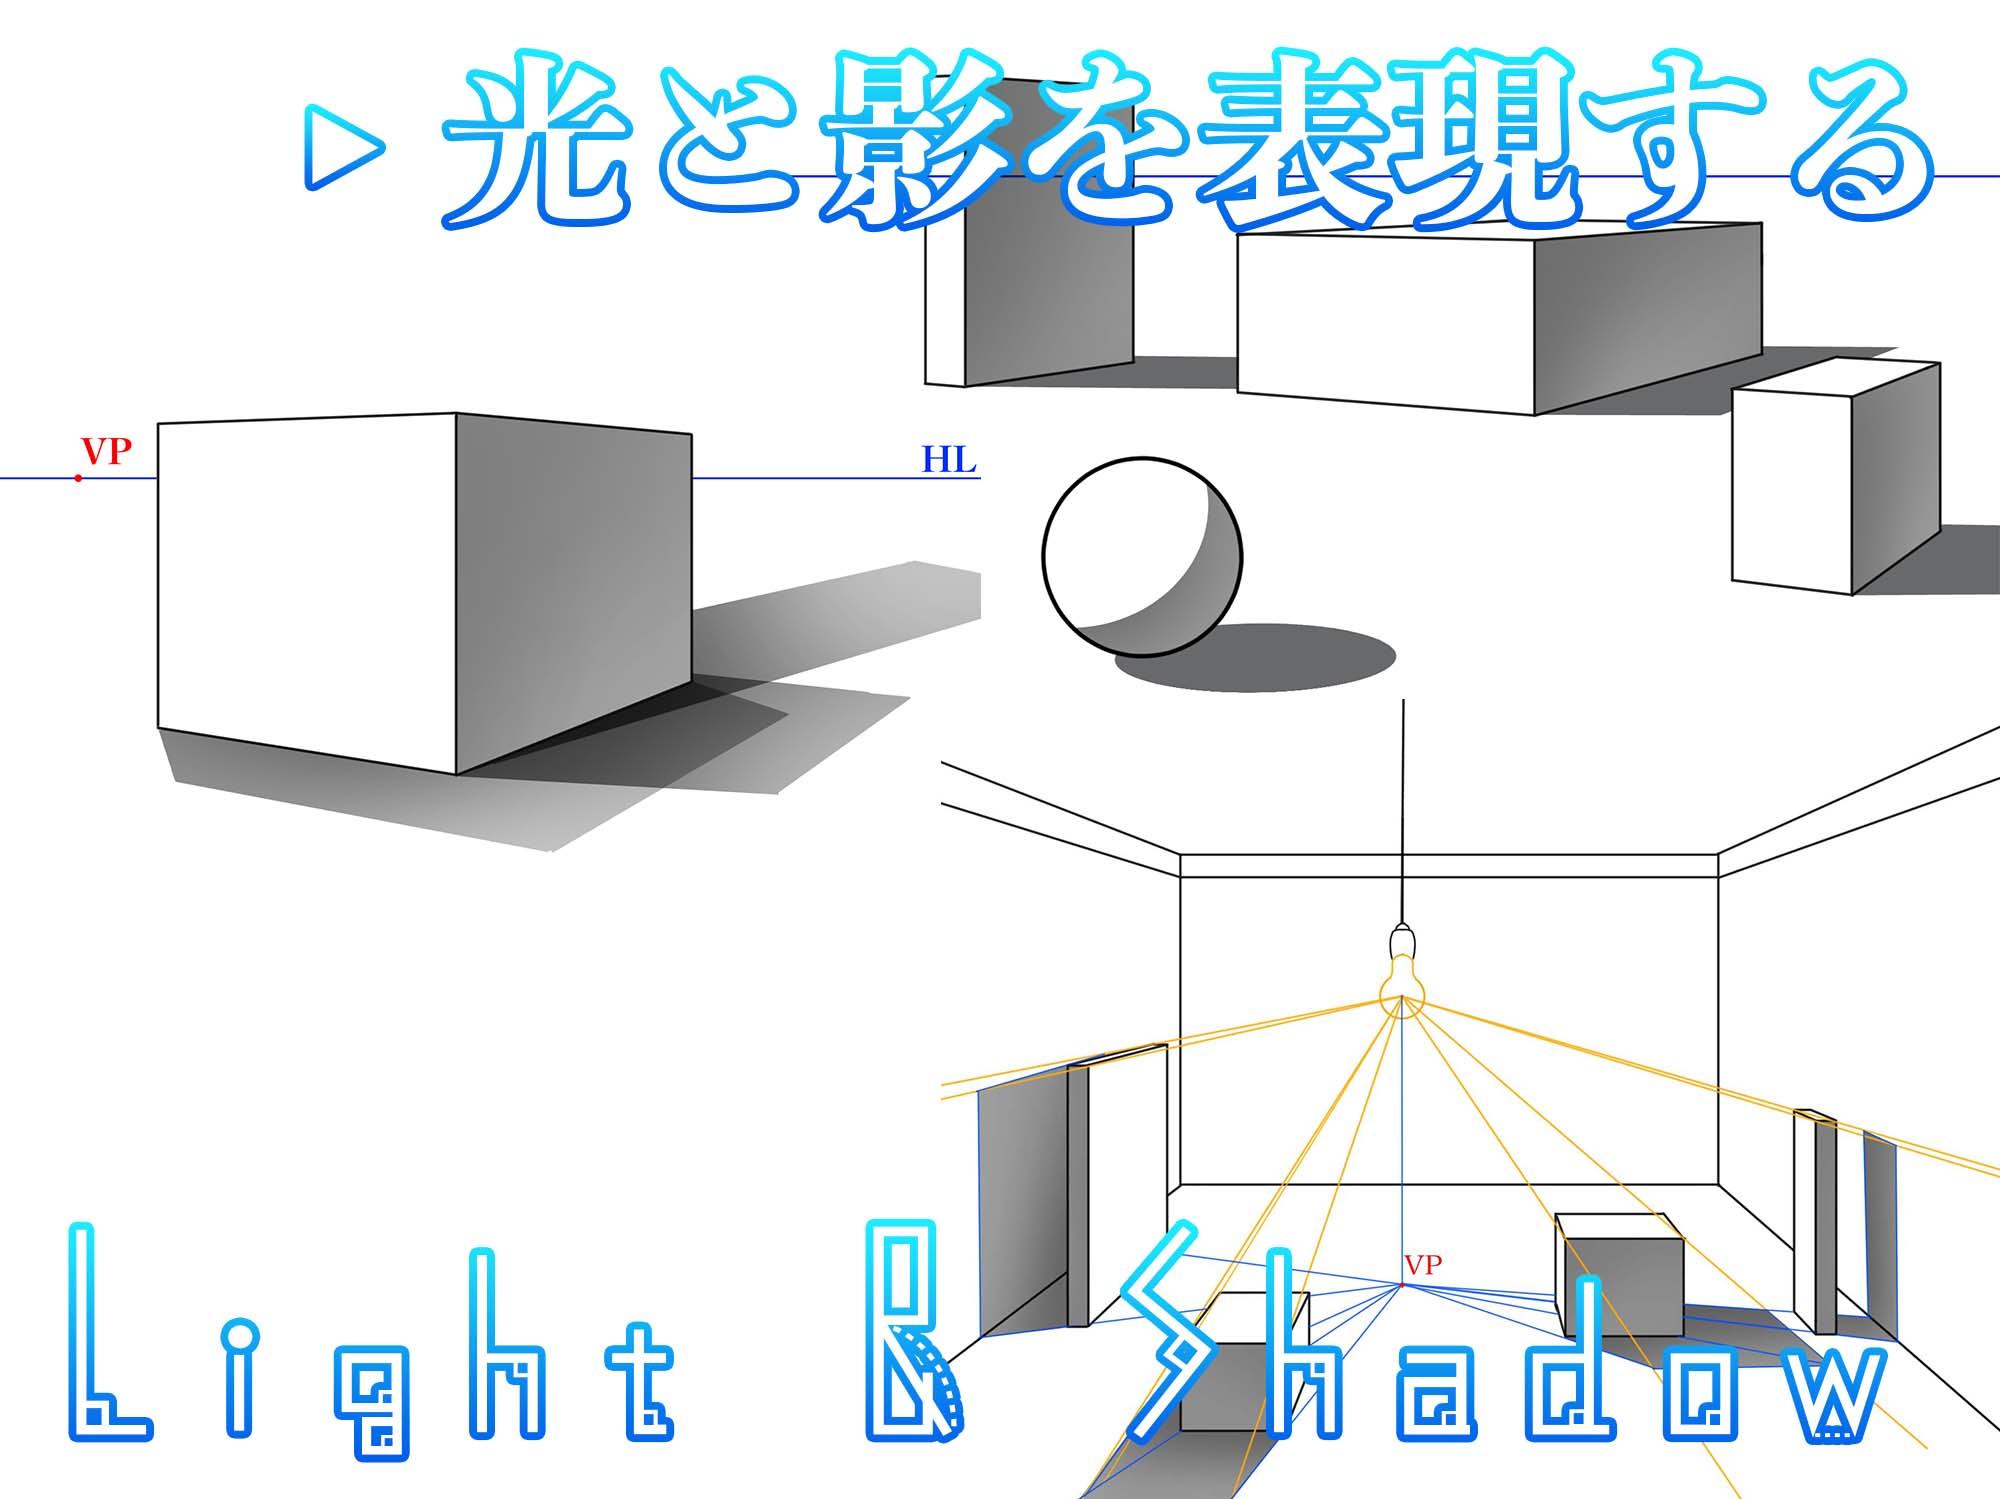 光と影を表現するアイキャッチ